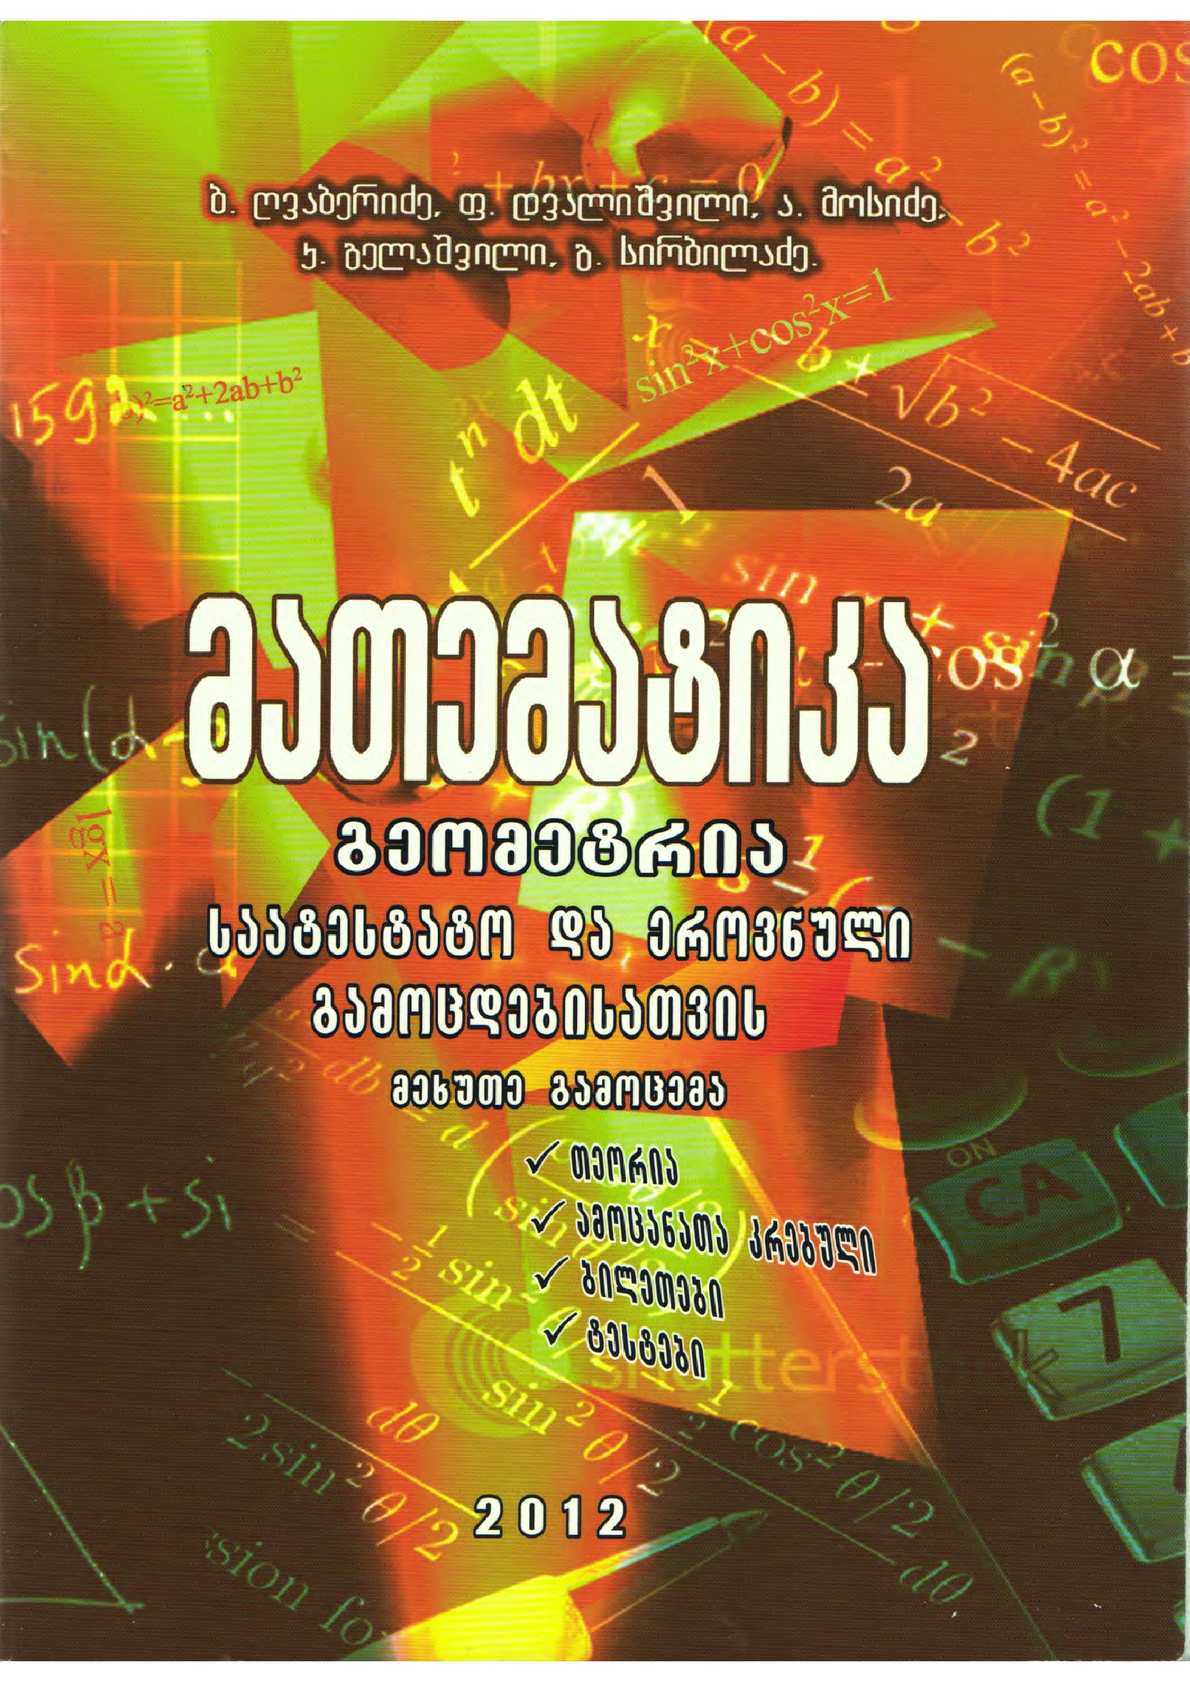 მათემატიკა გეომეტრია (საატესტატო და ერვნული გამოცდებისათვის) ბ ღვაბერიძე და სხვა